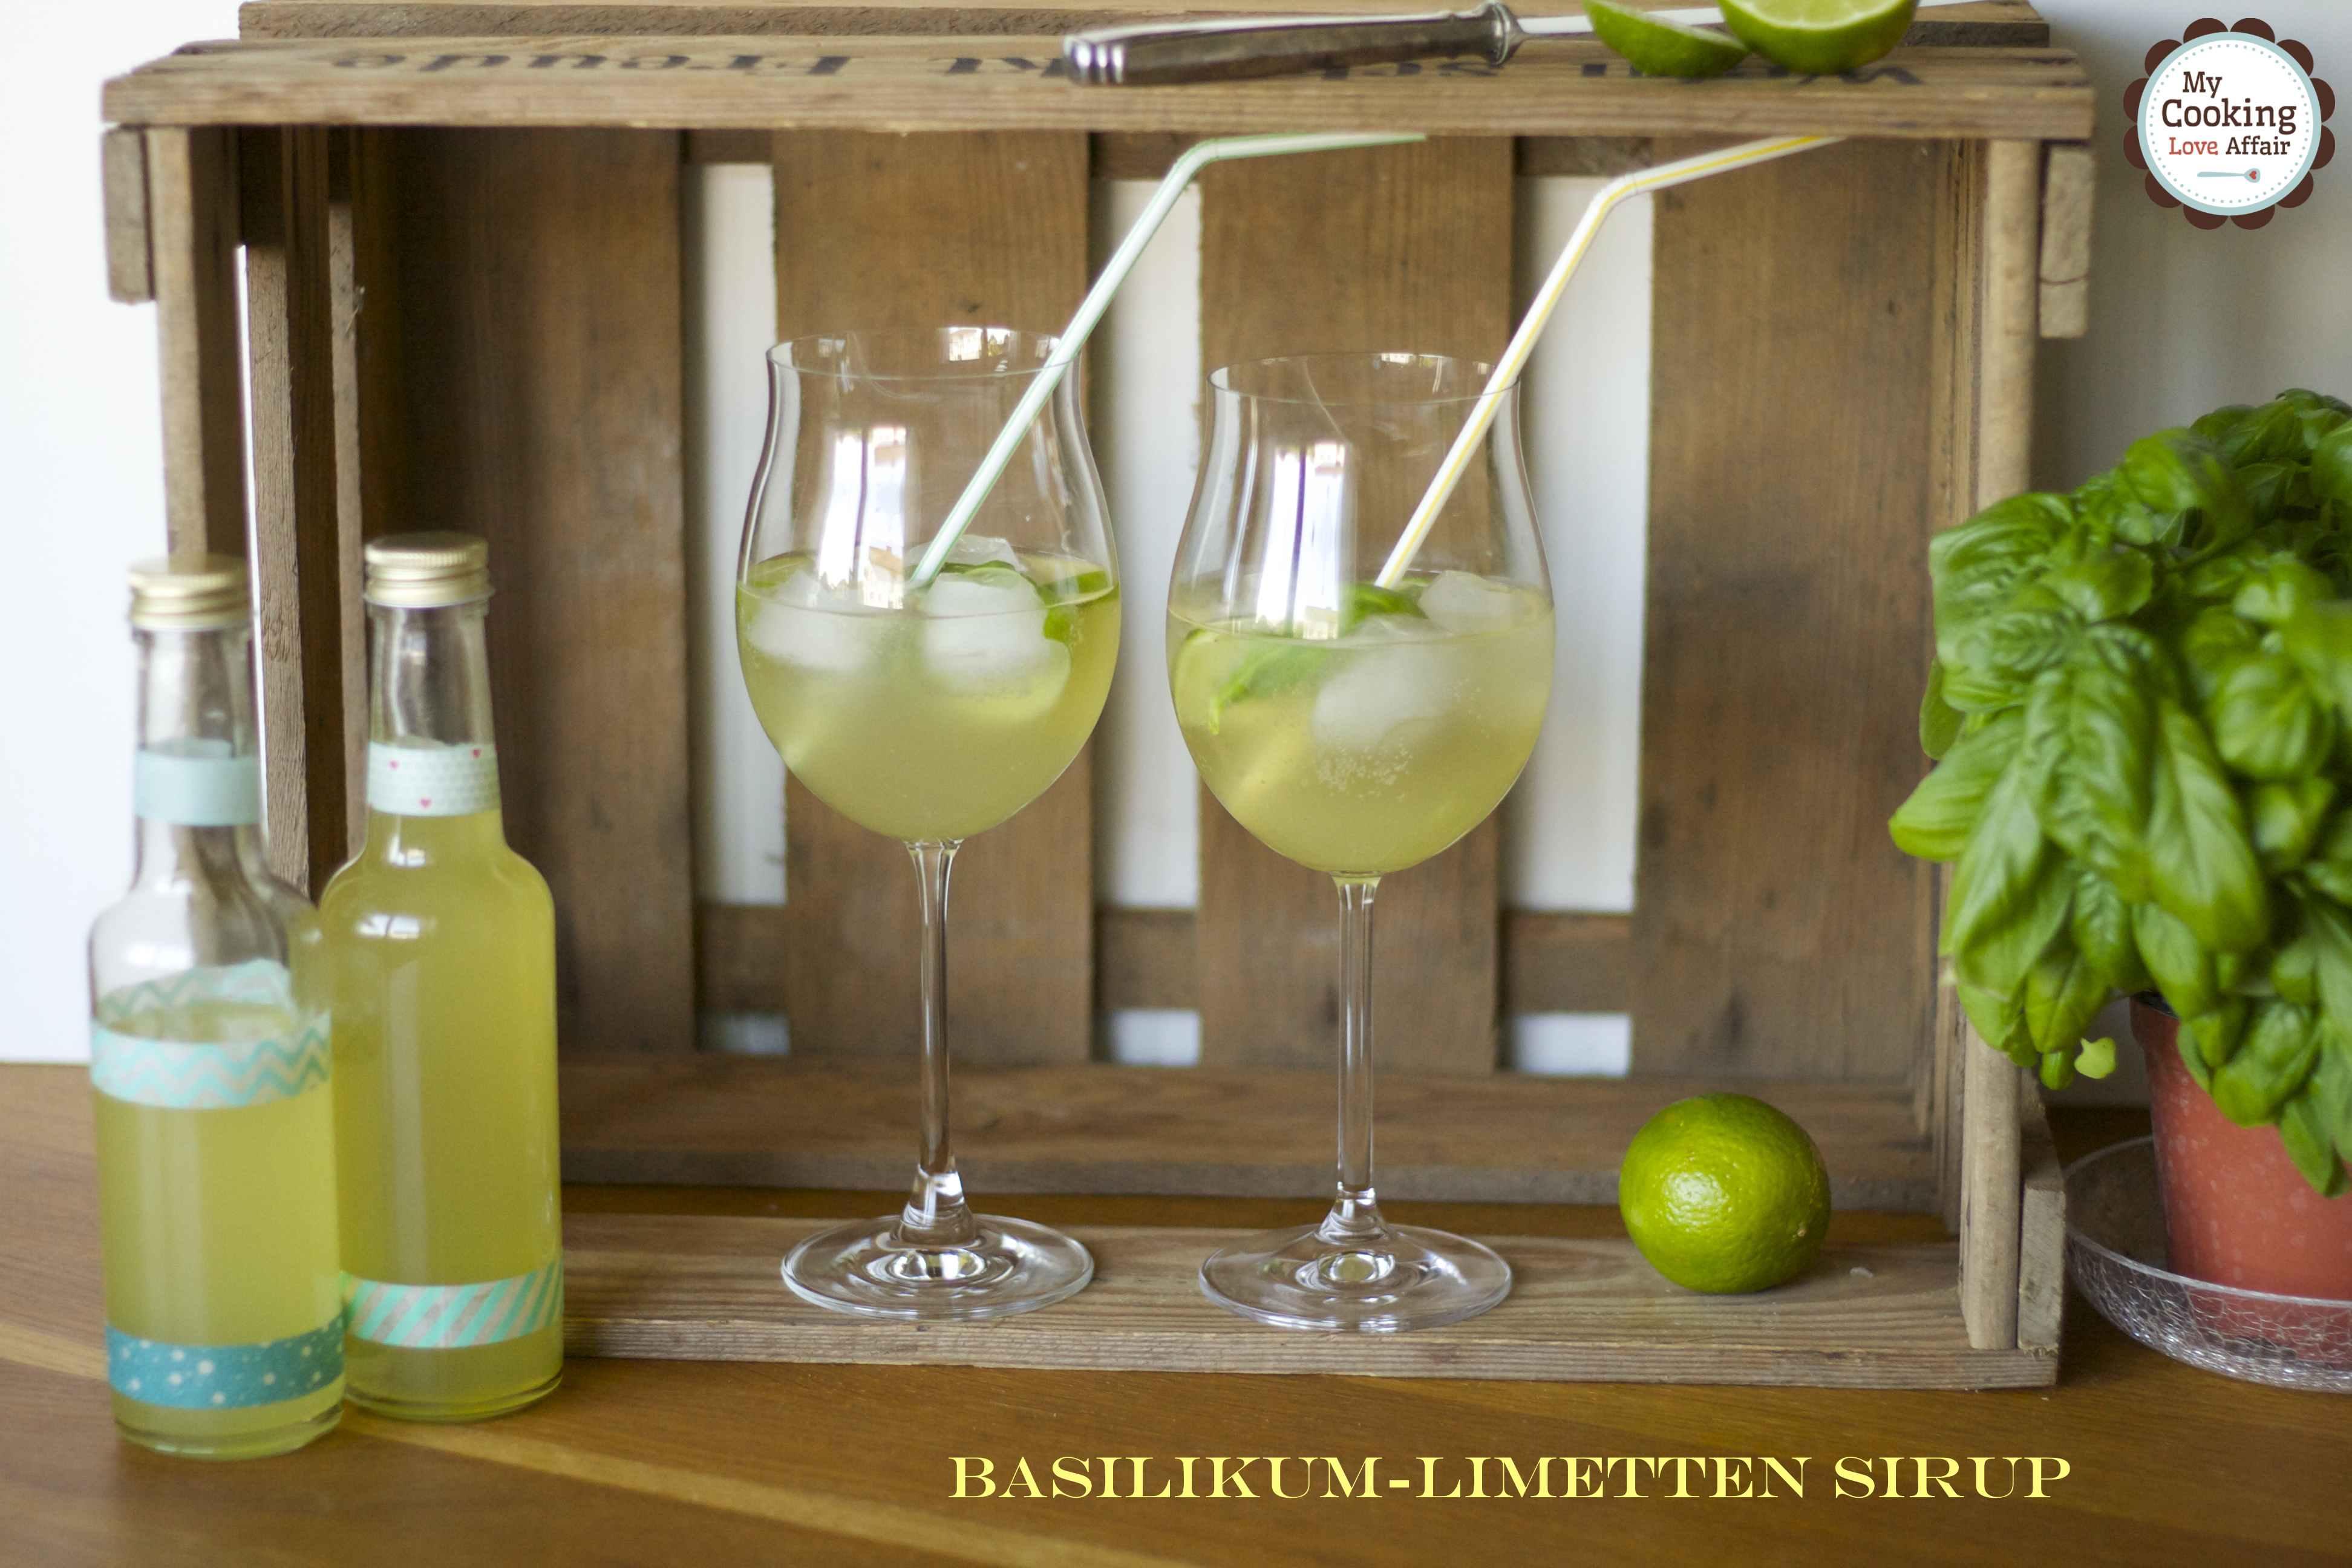 Basilikum-Limetten Sirup